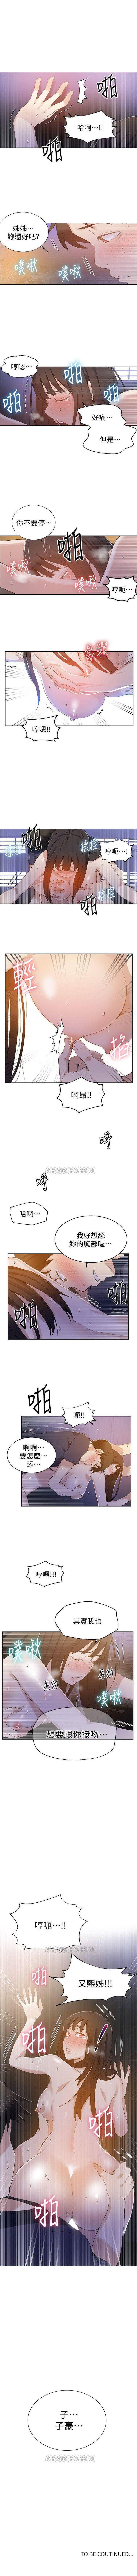 秘密教學  1-55 官方中文(連載中) 186